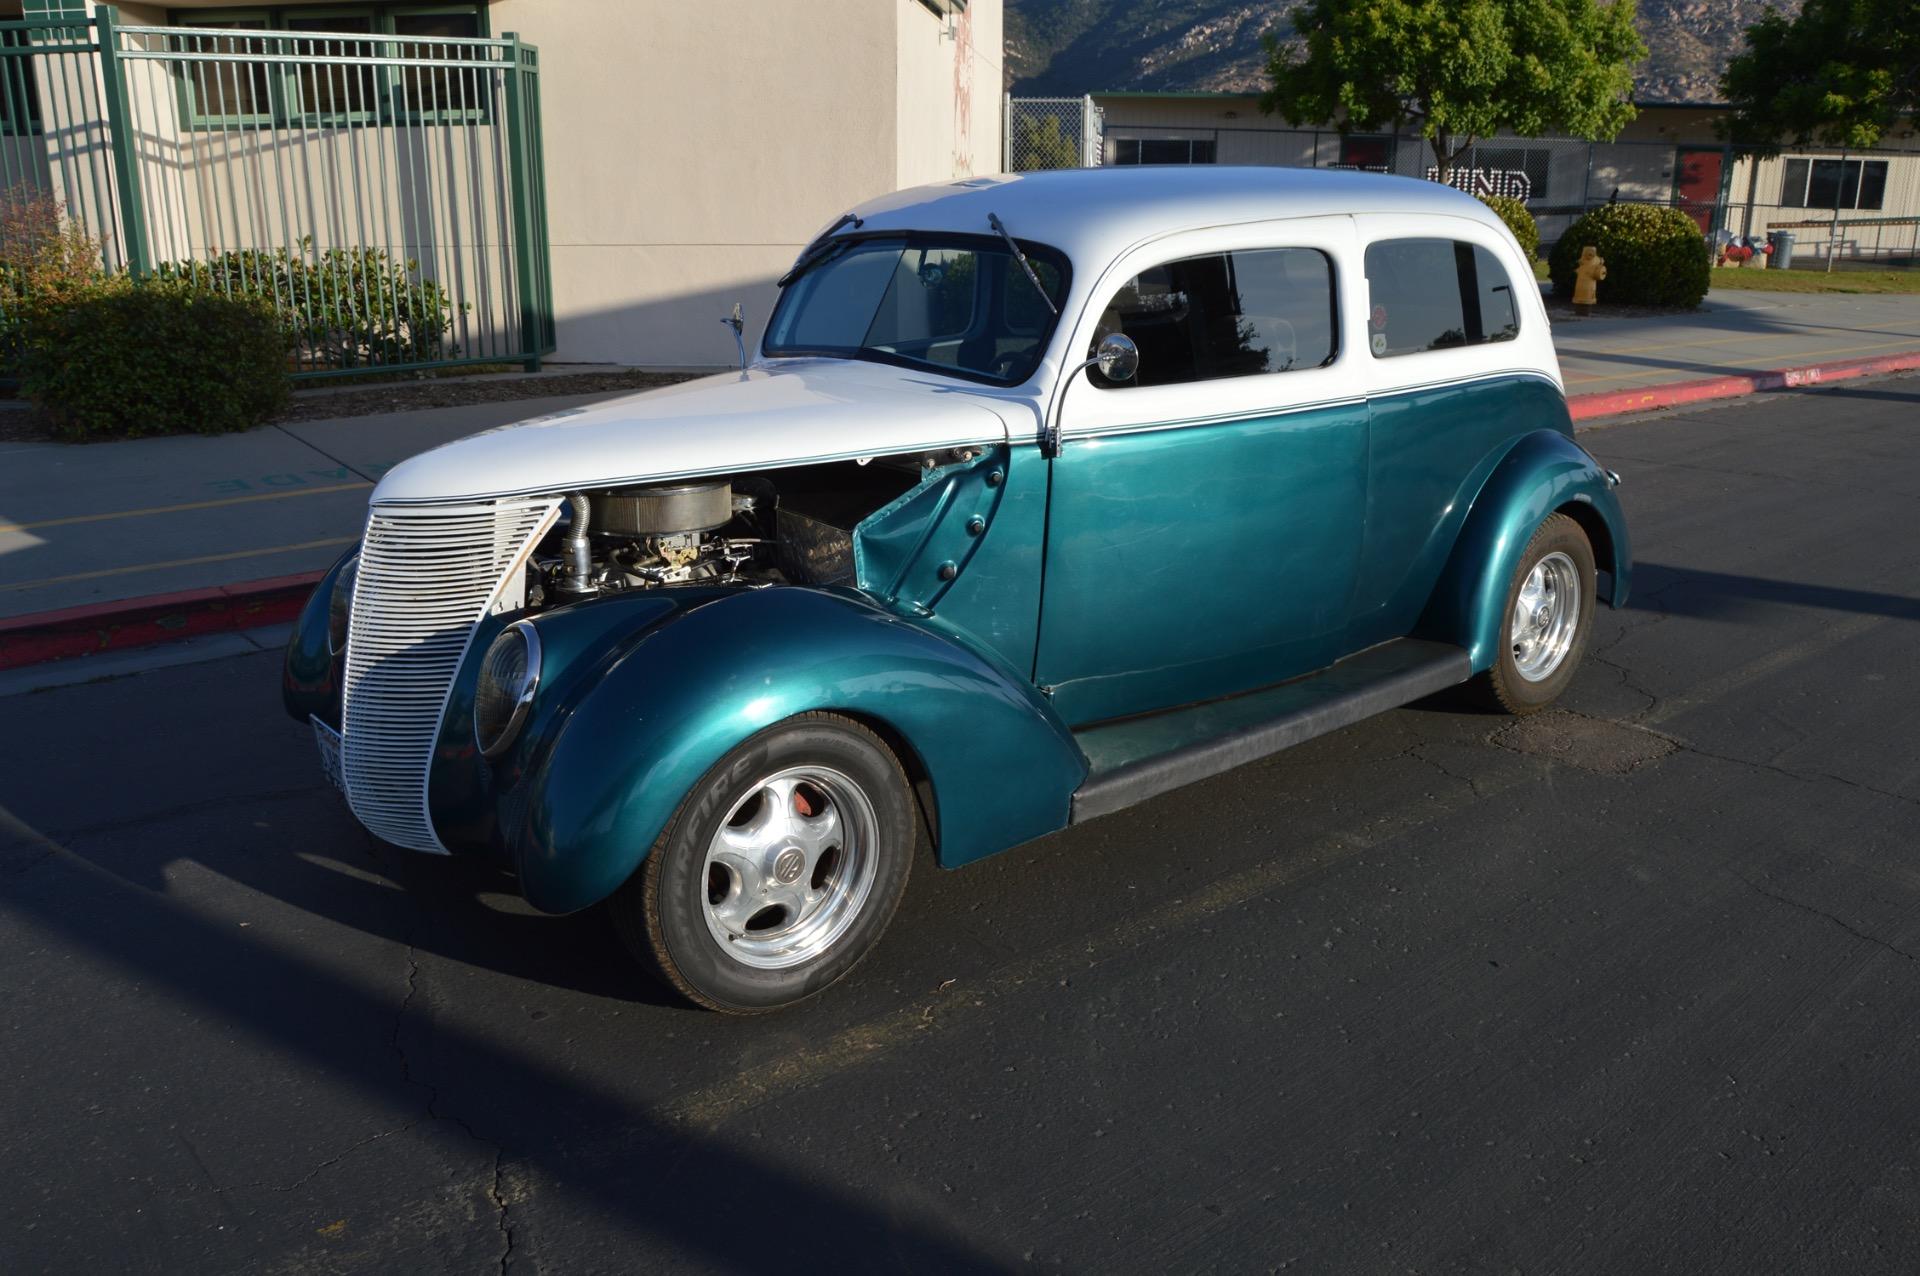 Used 1937 Ford Slantback For Sale ($14,750) | Affordable